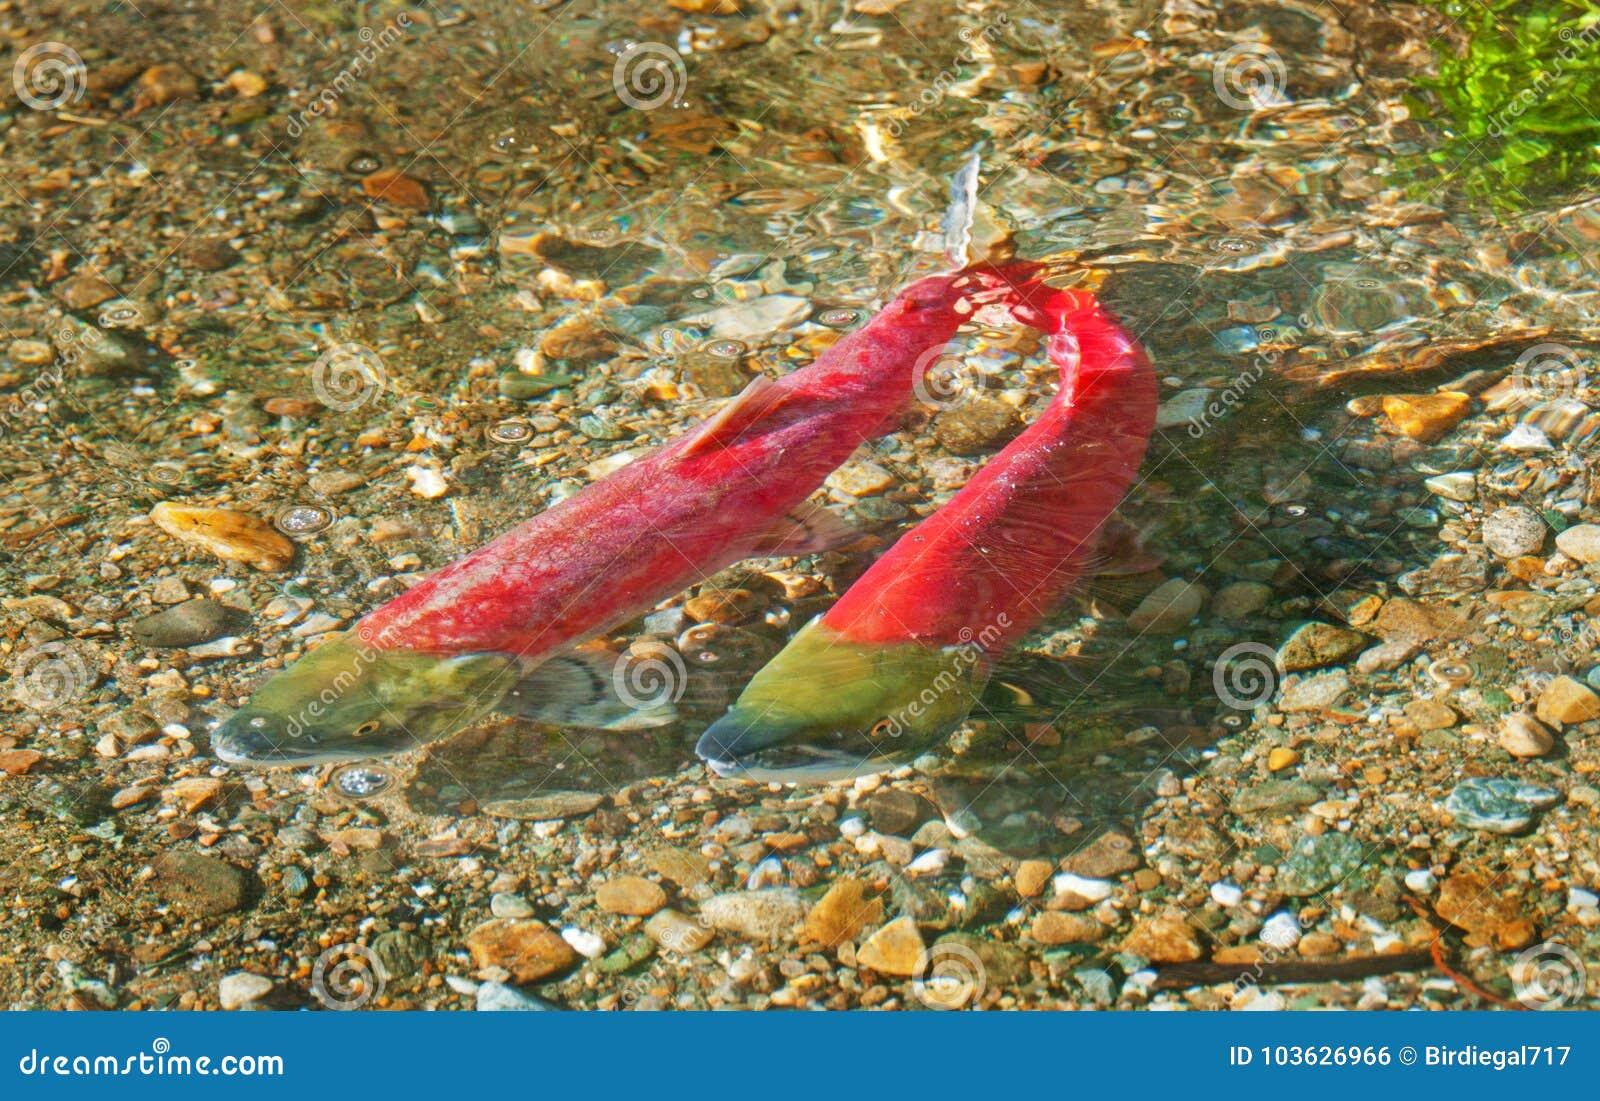 五颜六色的产生的红鲑鱼游泳在河,不列颠哥伦比亚省,加拿大